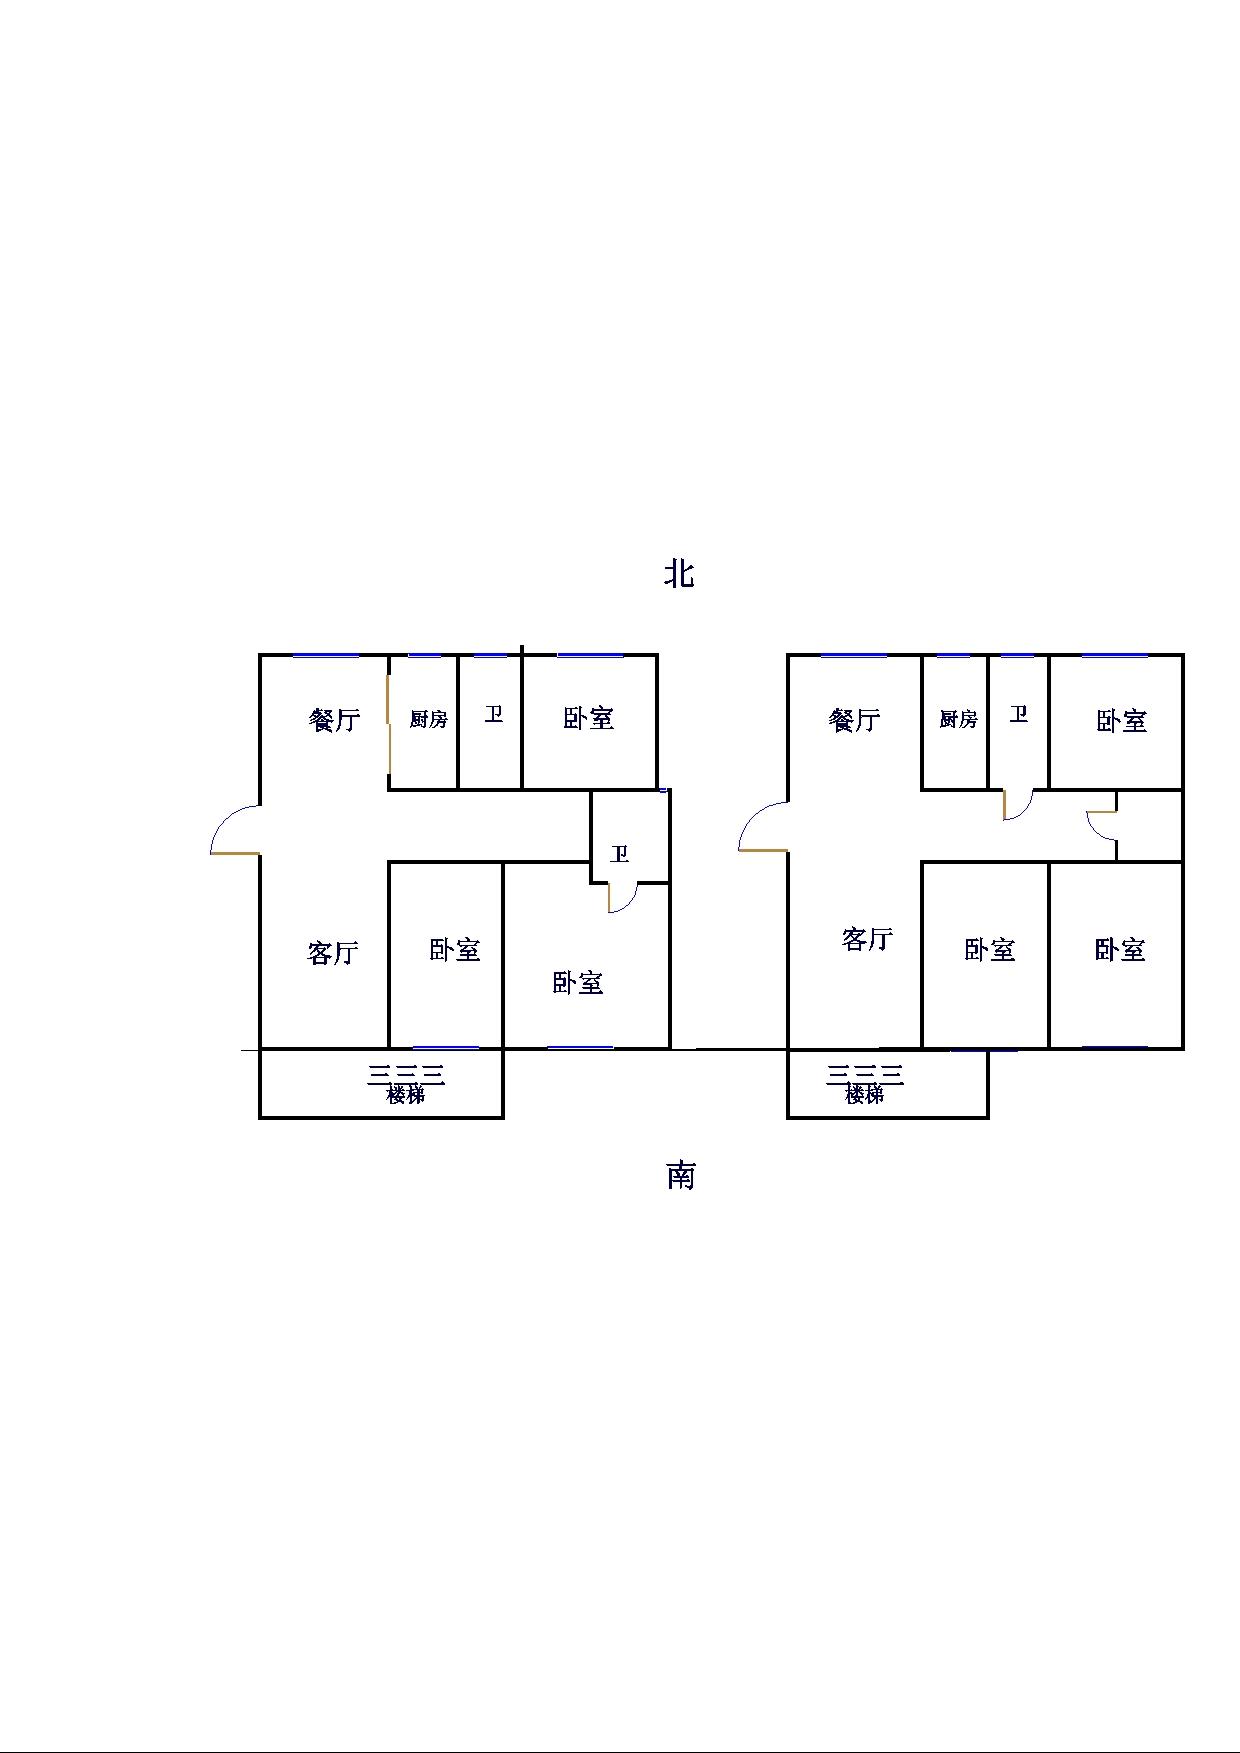 高地世纪城 2室2厅 双证齐全 简装 155万